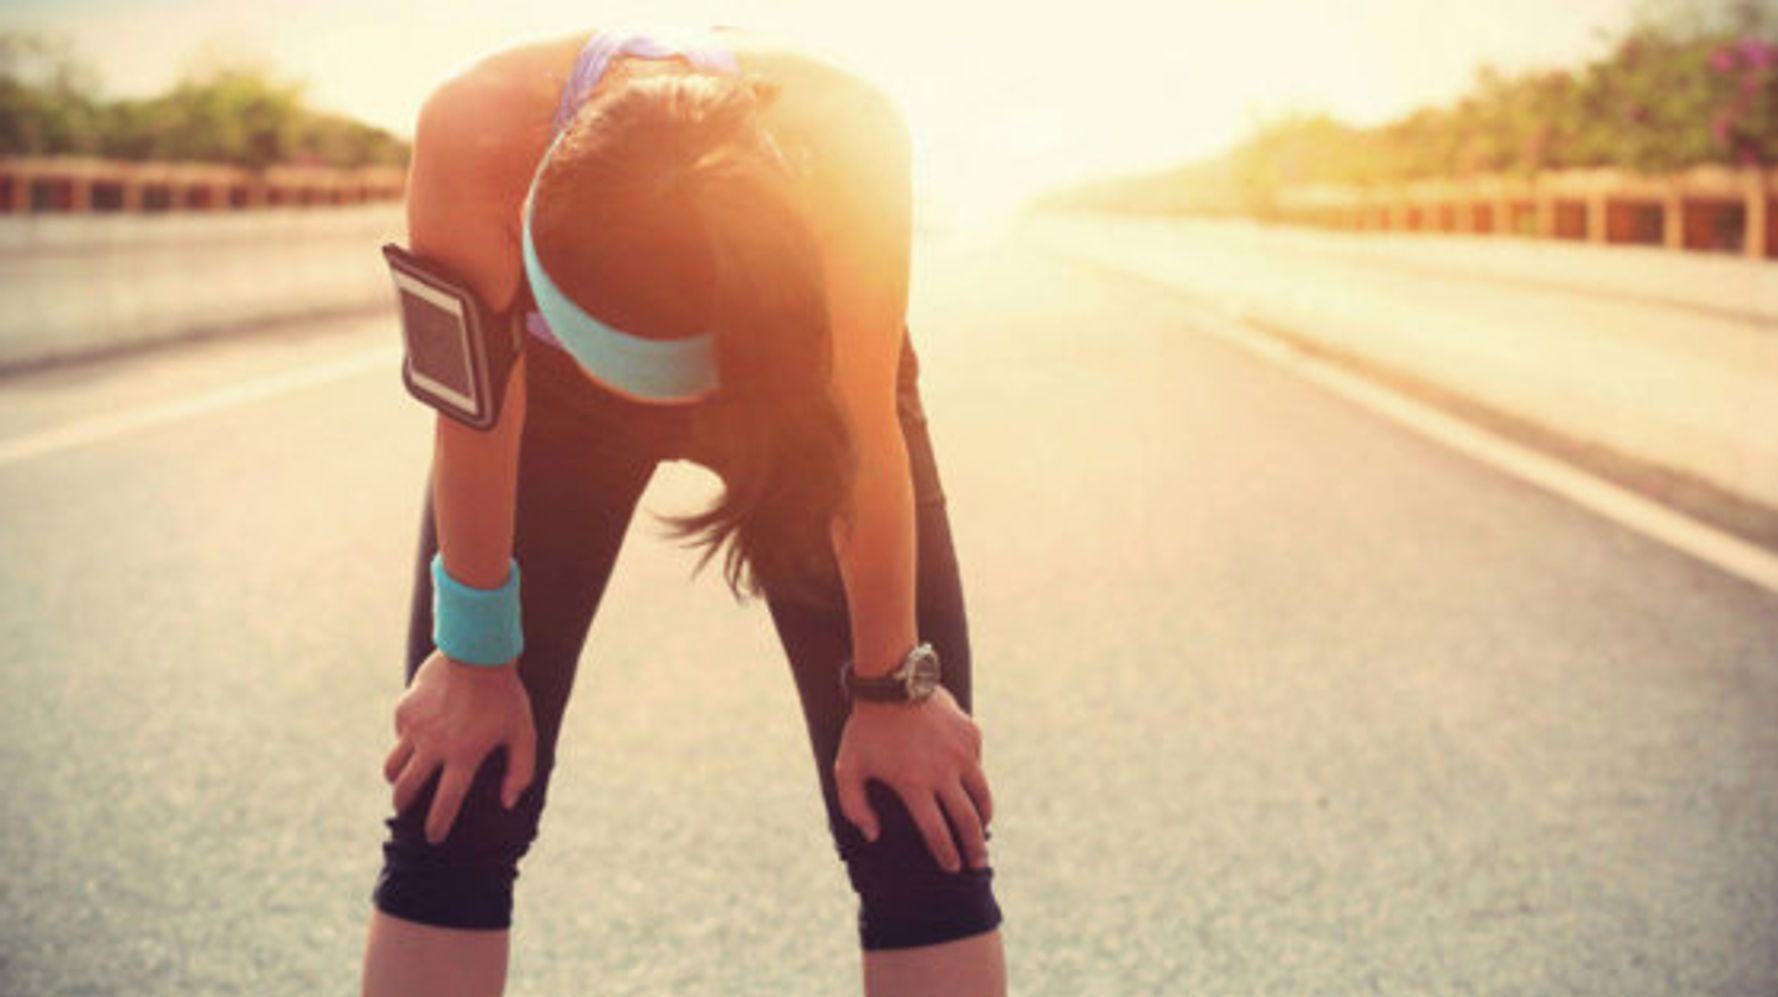 une anémie sévère entraîne-t-elle une perte de poids conseils pour perdre du poids du ventre rapidement